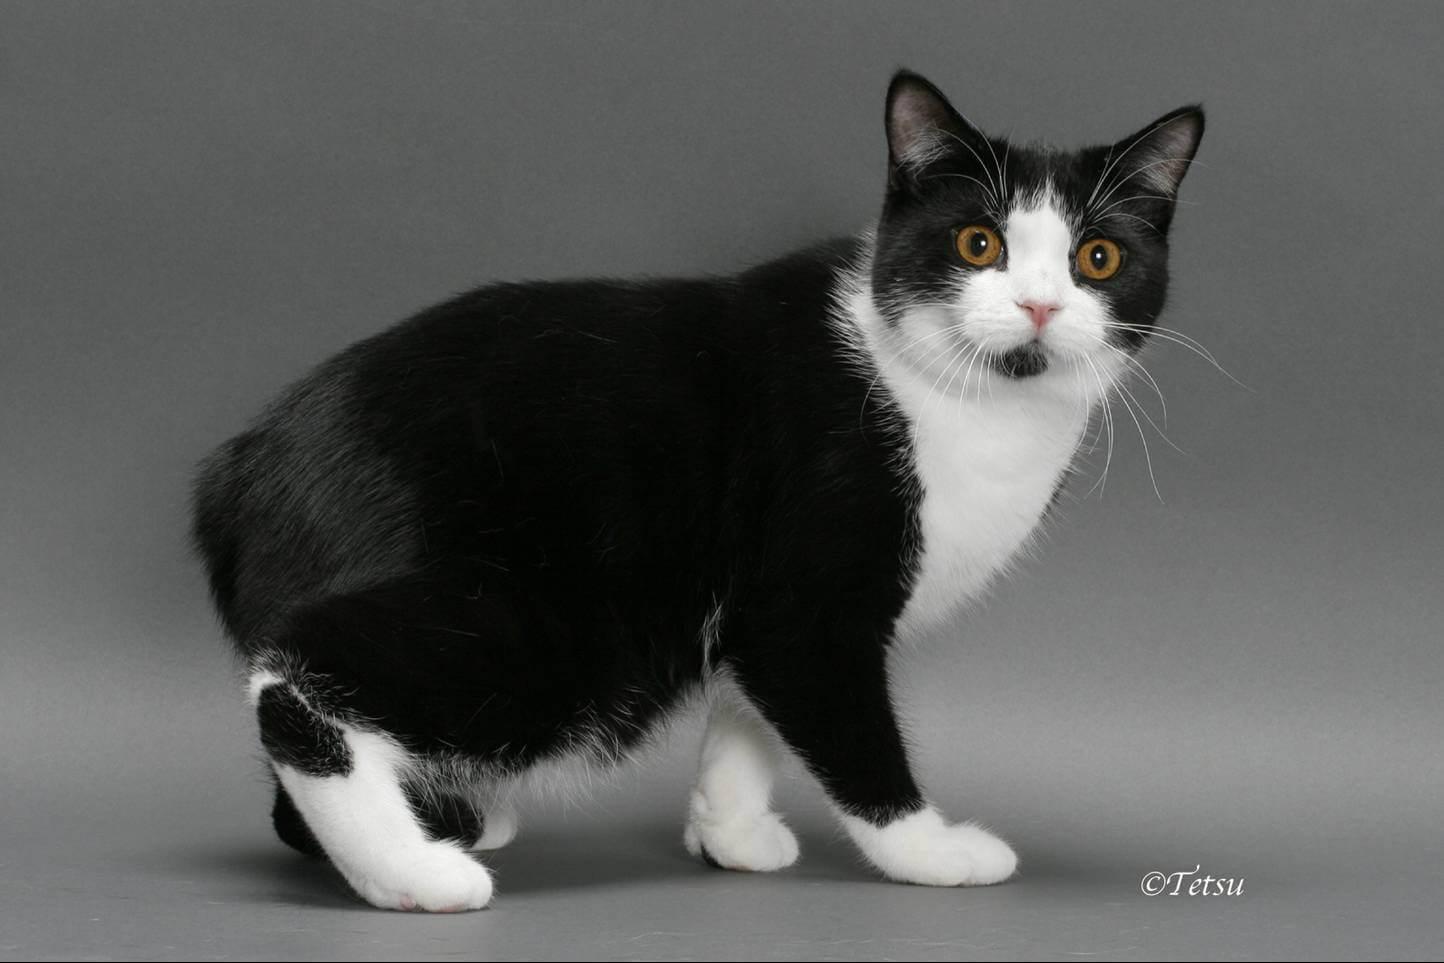 Бесхвостые кошки мэнкс: внешний вид, разновидности, особенности ухода и содержания